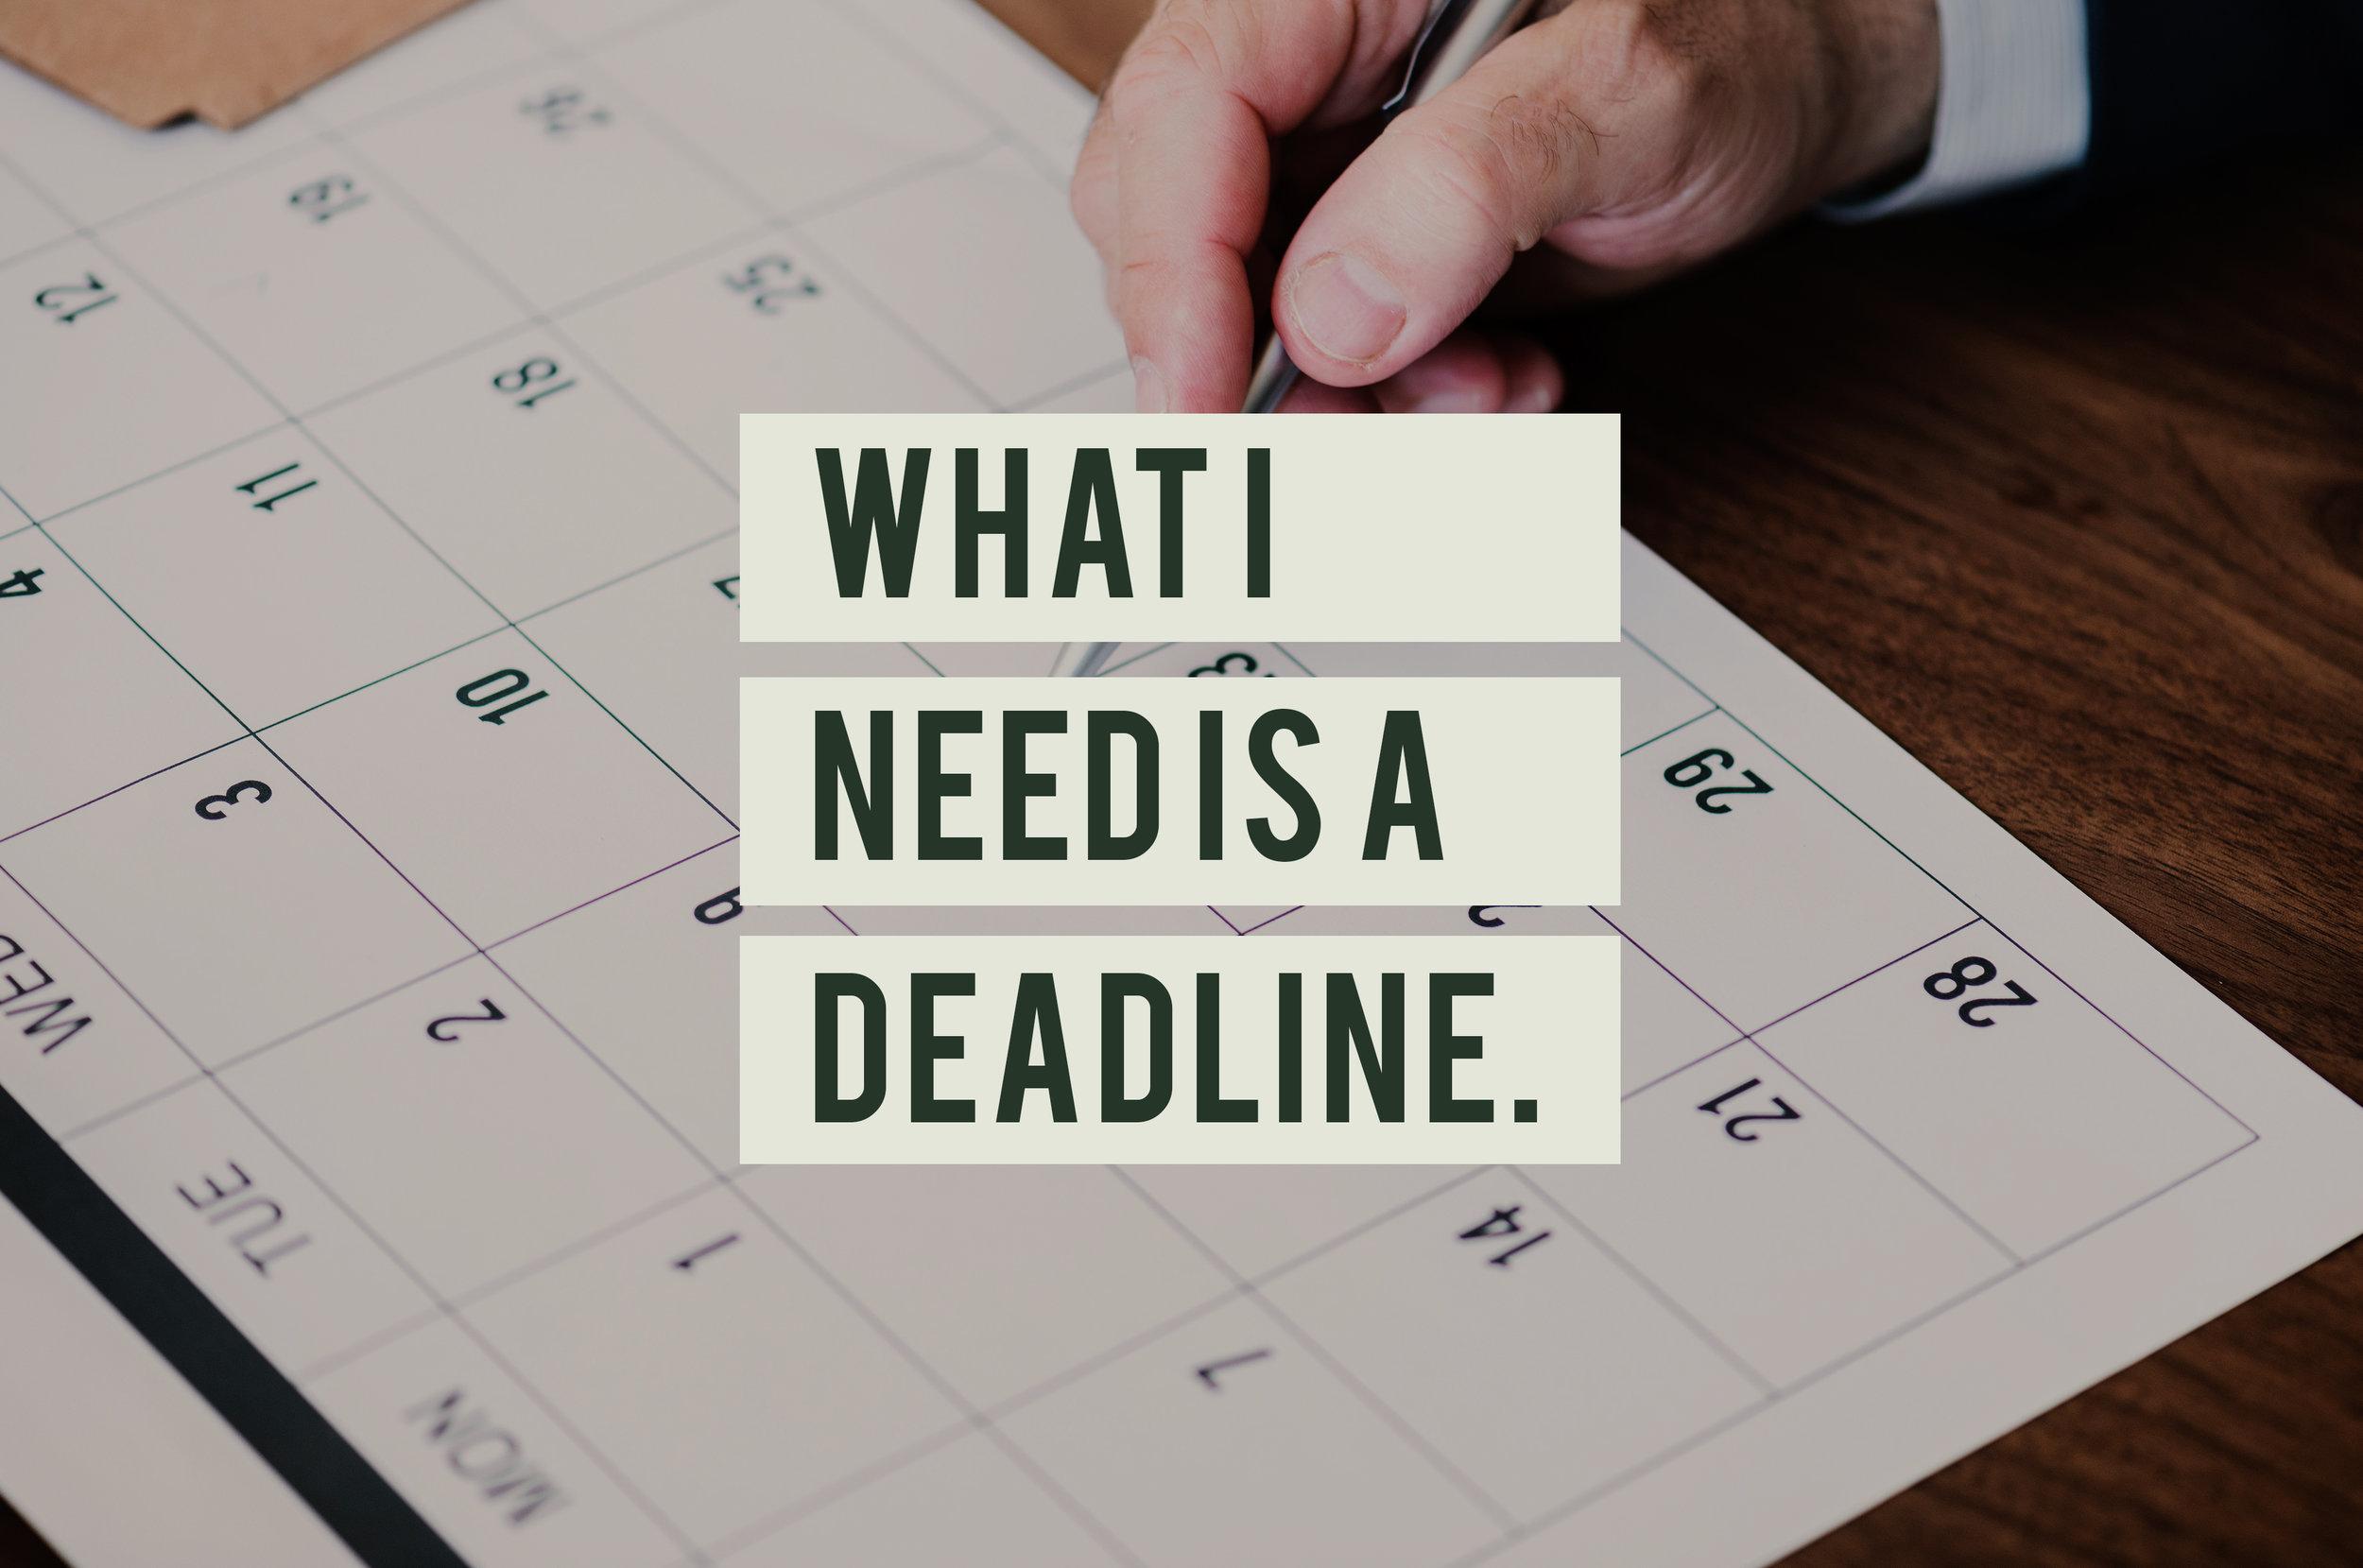 Deadline v2.jpg